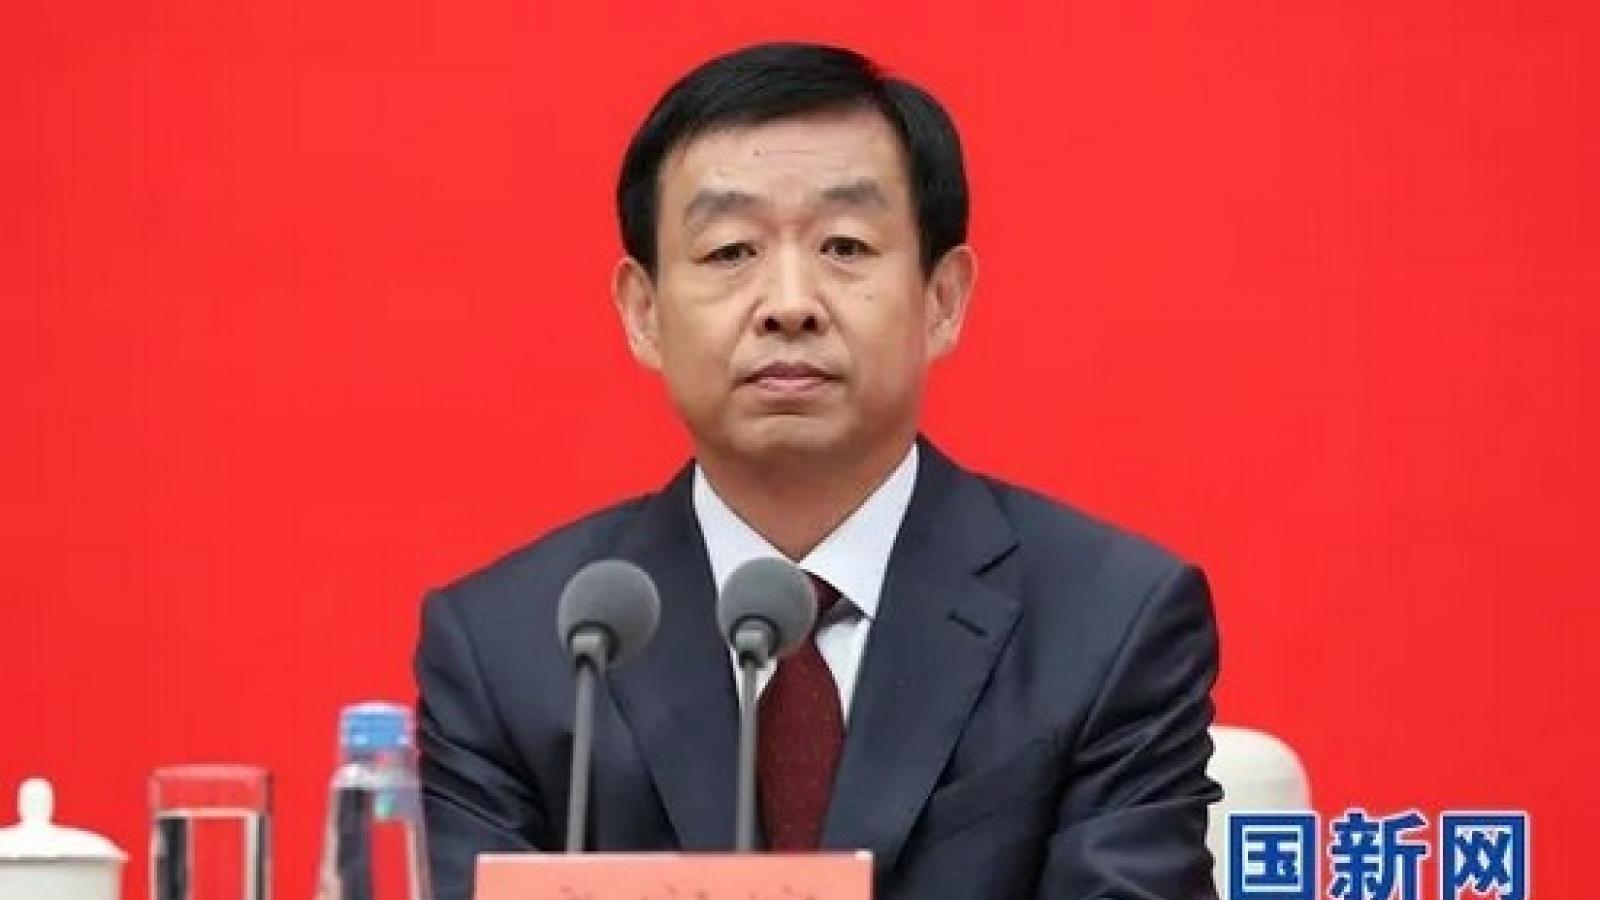 Đảng Cộng sản Trung Quốc khai trừ hơn 900.000 đảng viên kể từ Đại hội 18